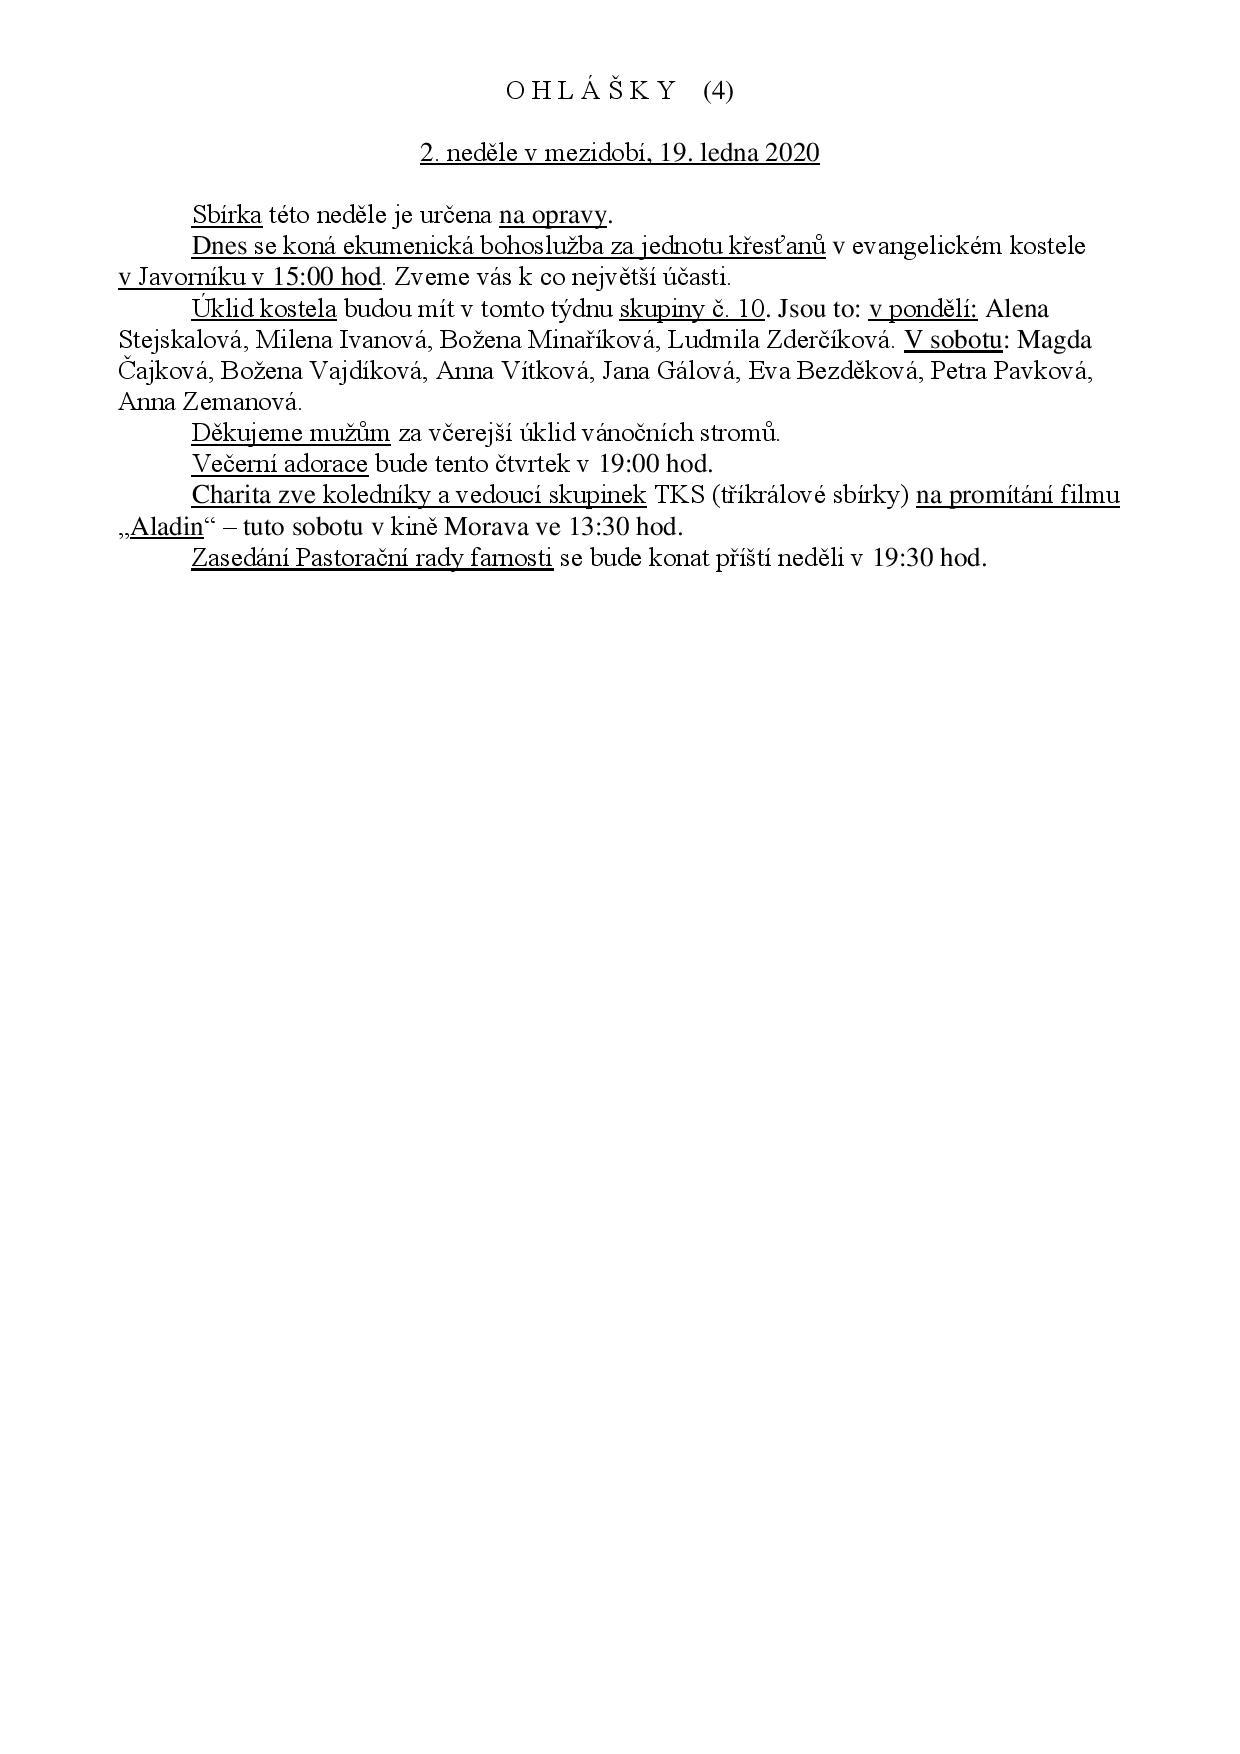 OHLÁŠKY 4 - 19. 1. 2020-page-001